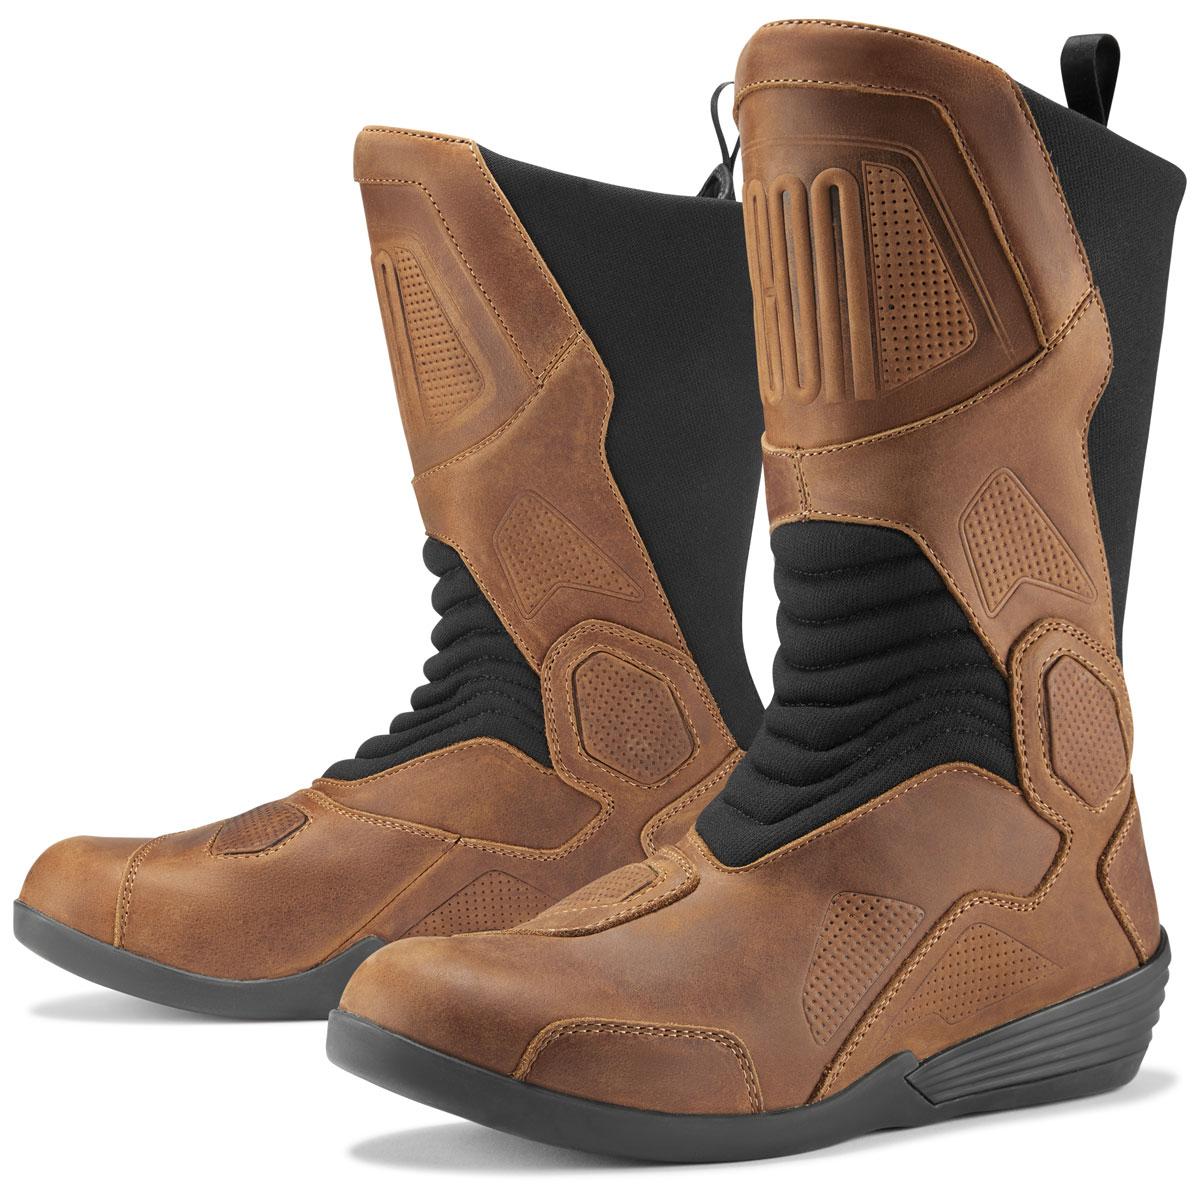 7b0161e971d ICON Men's Joker Waterproof Brown Leather Boots - 3403-0960